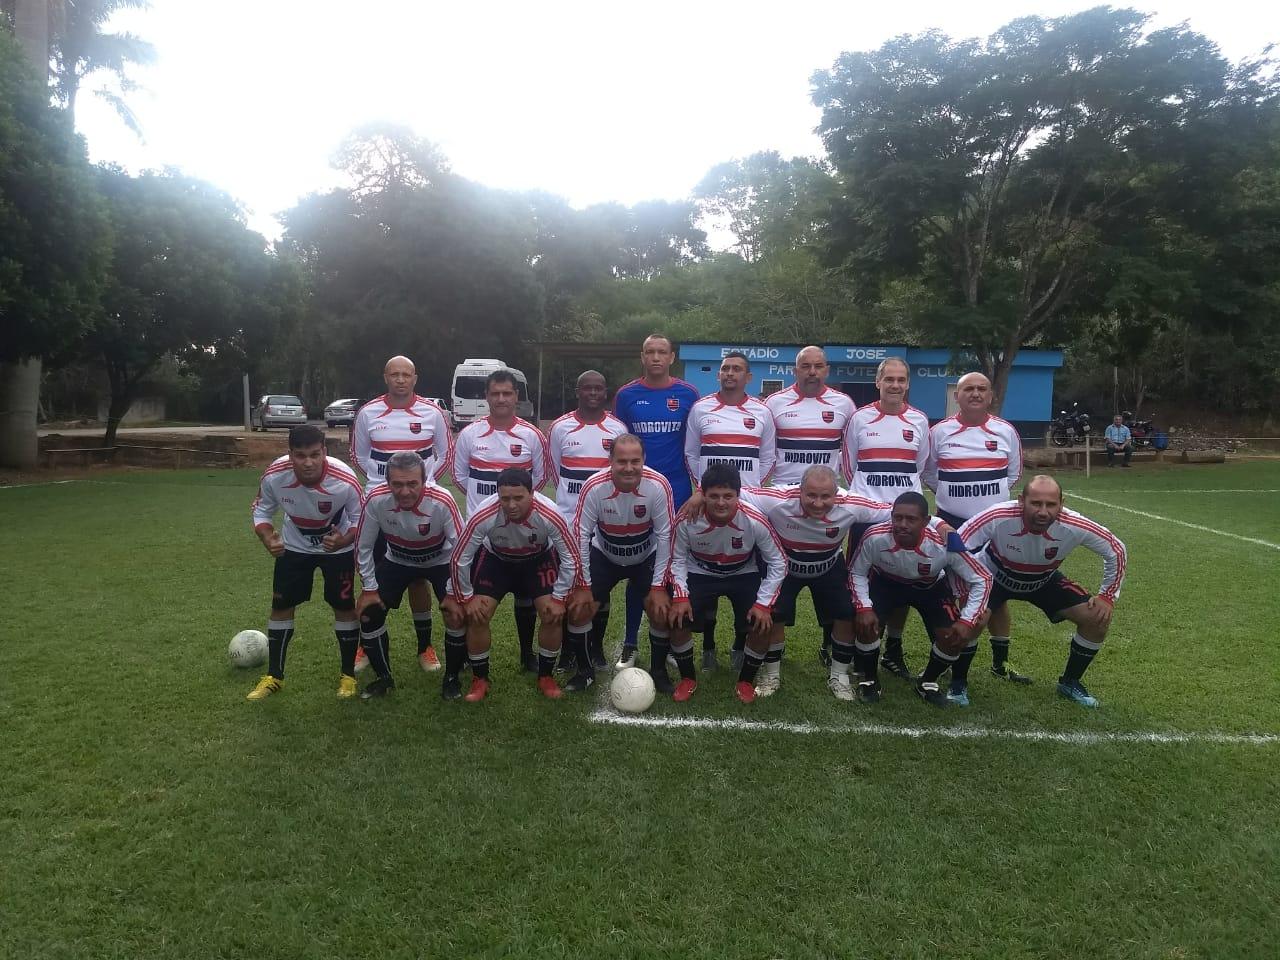 310edf8db9 16 06- Veterano do Laje Esporte Clube empata em amistoso na cidade de  Viçosa-MG